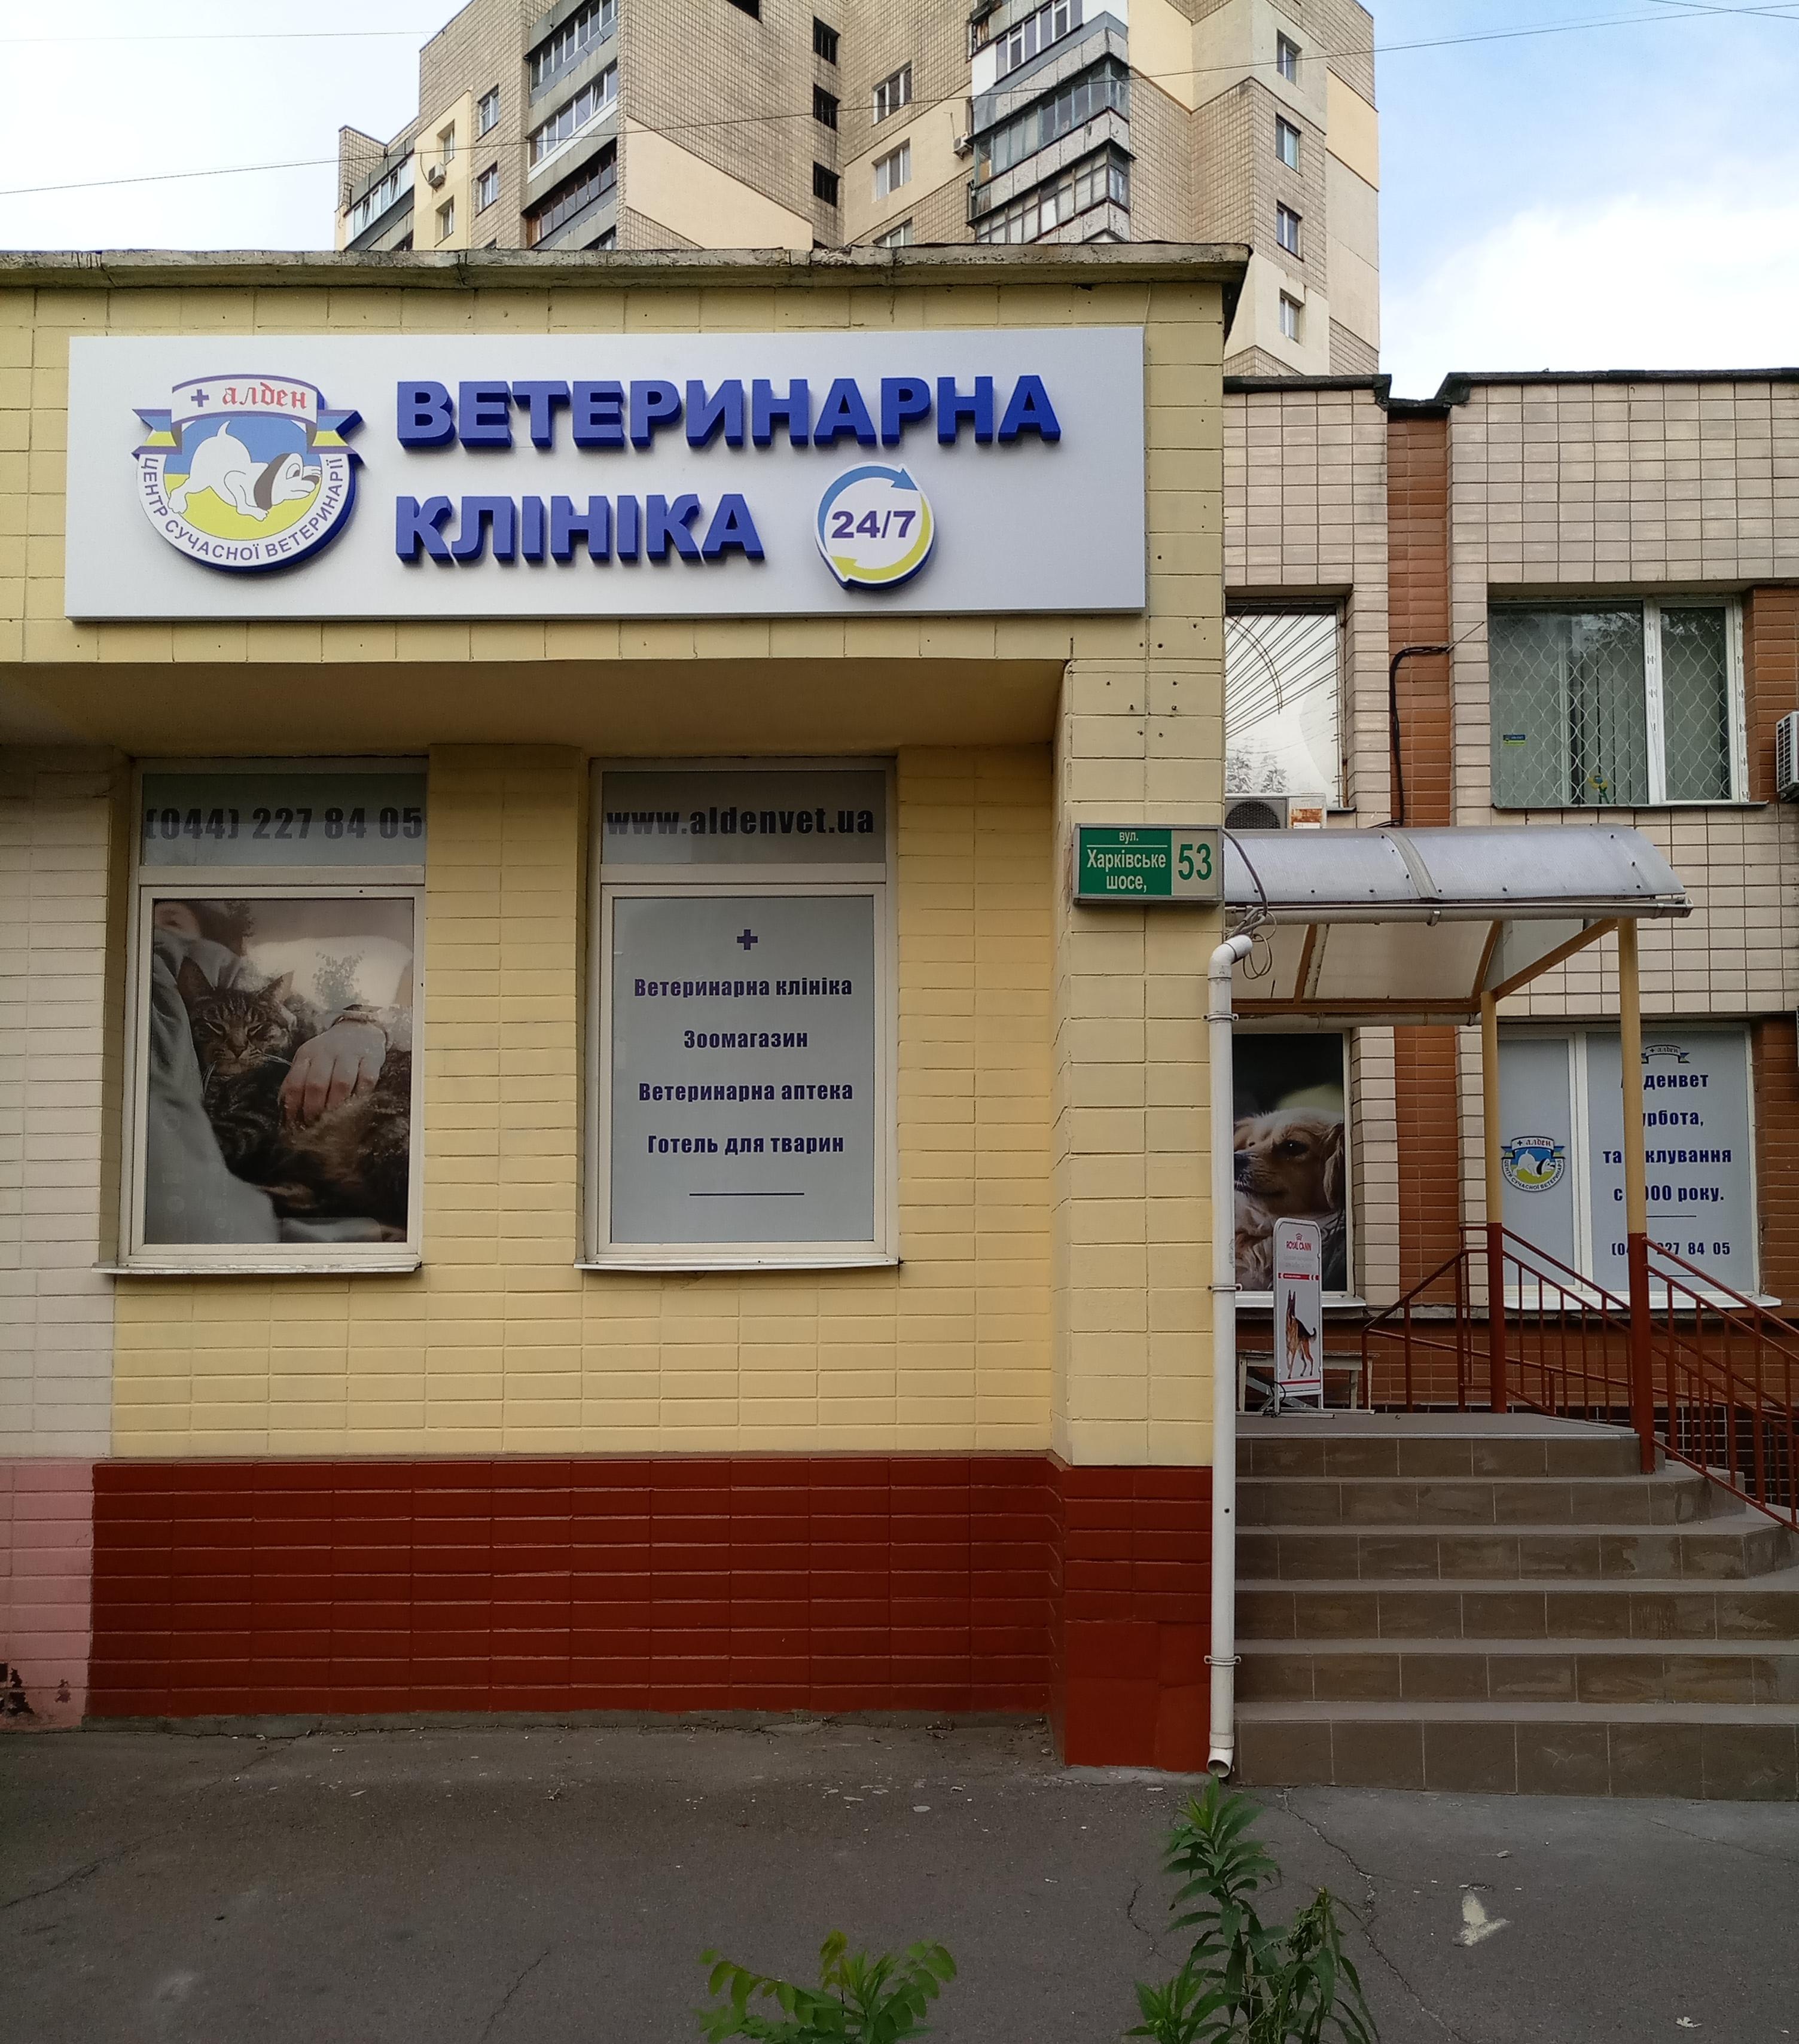 Ветеринарная клиника «Алден-Вет» по адресу Харьковское шоссе, 53